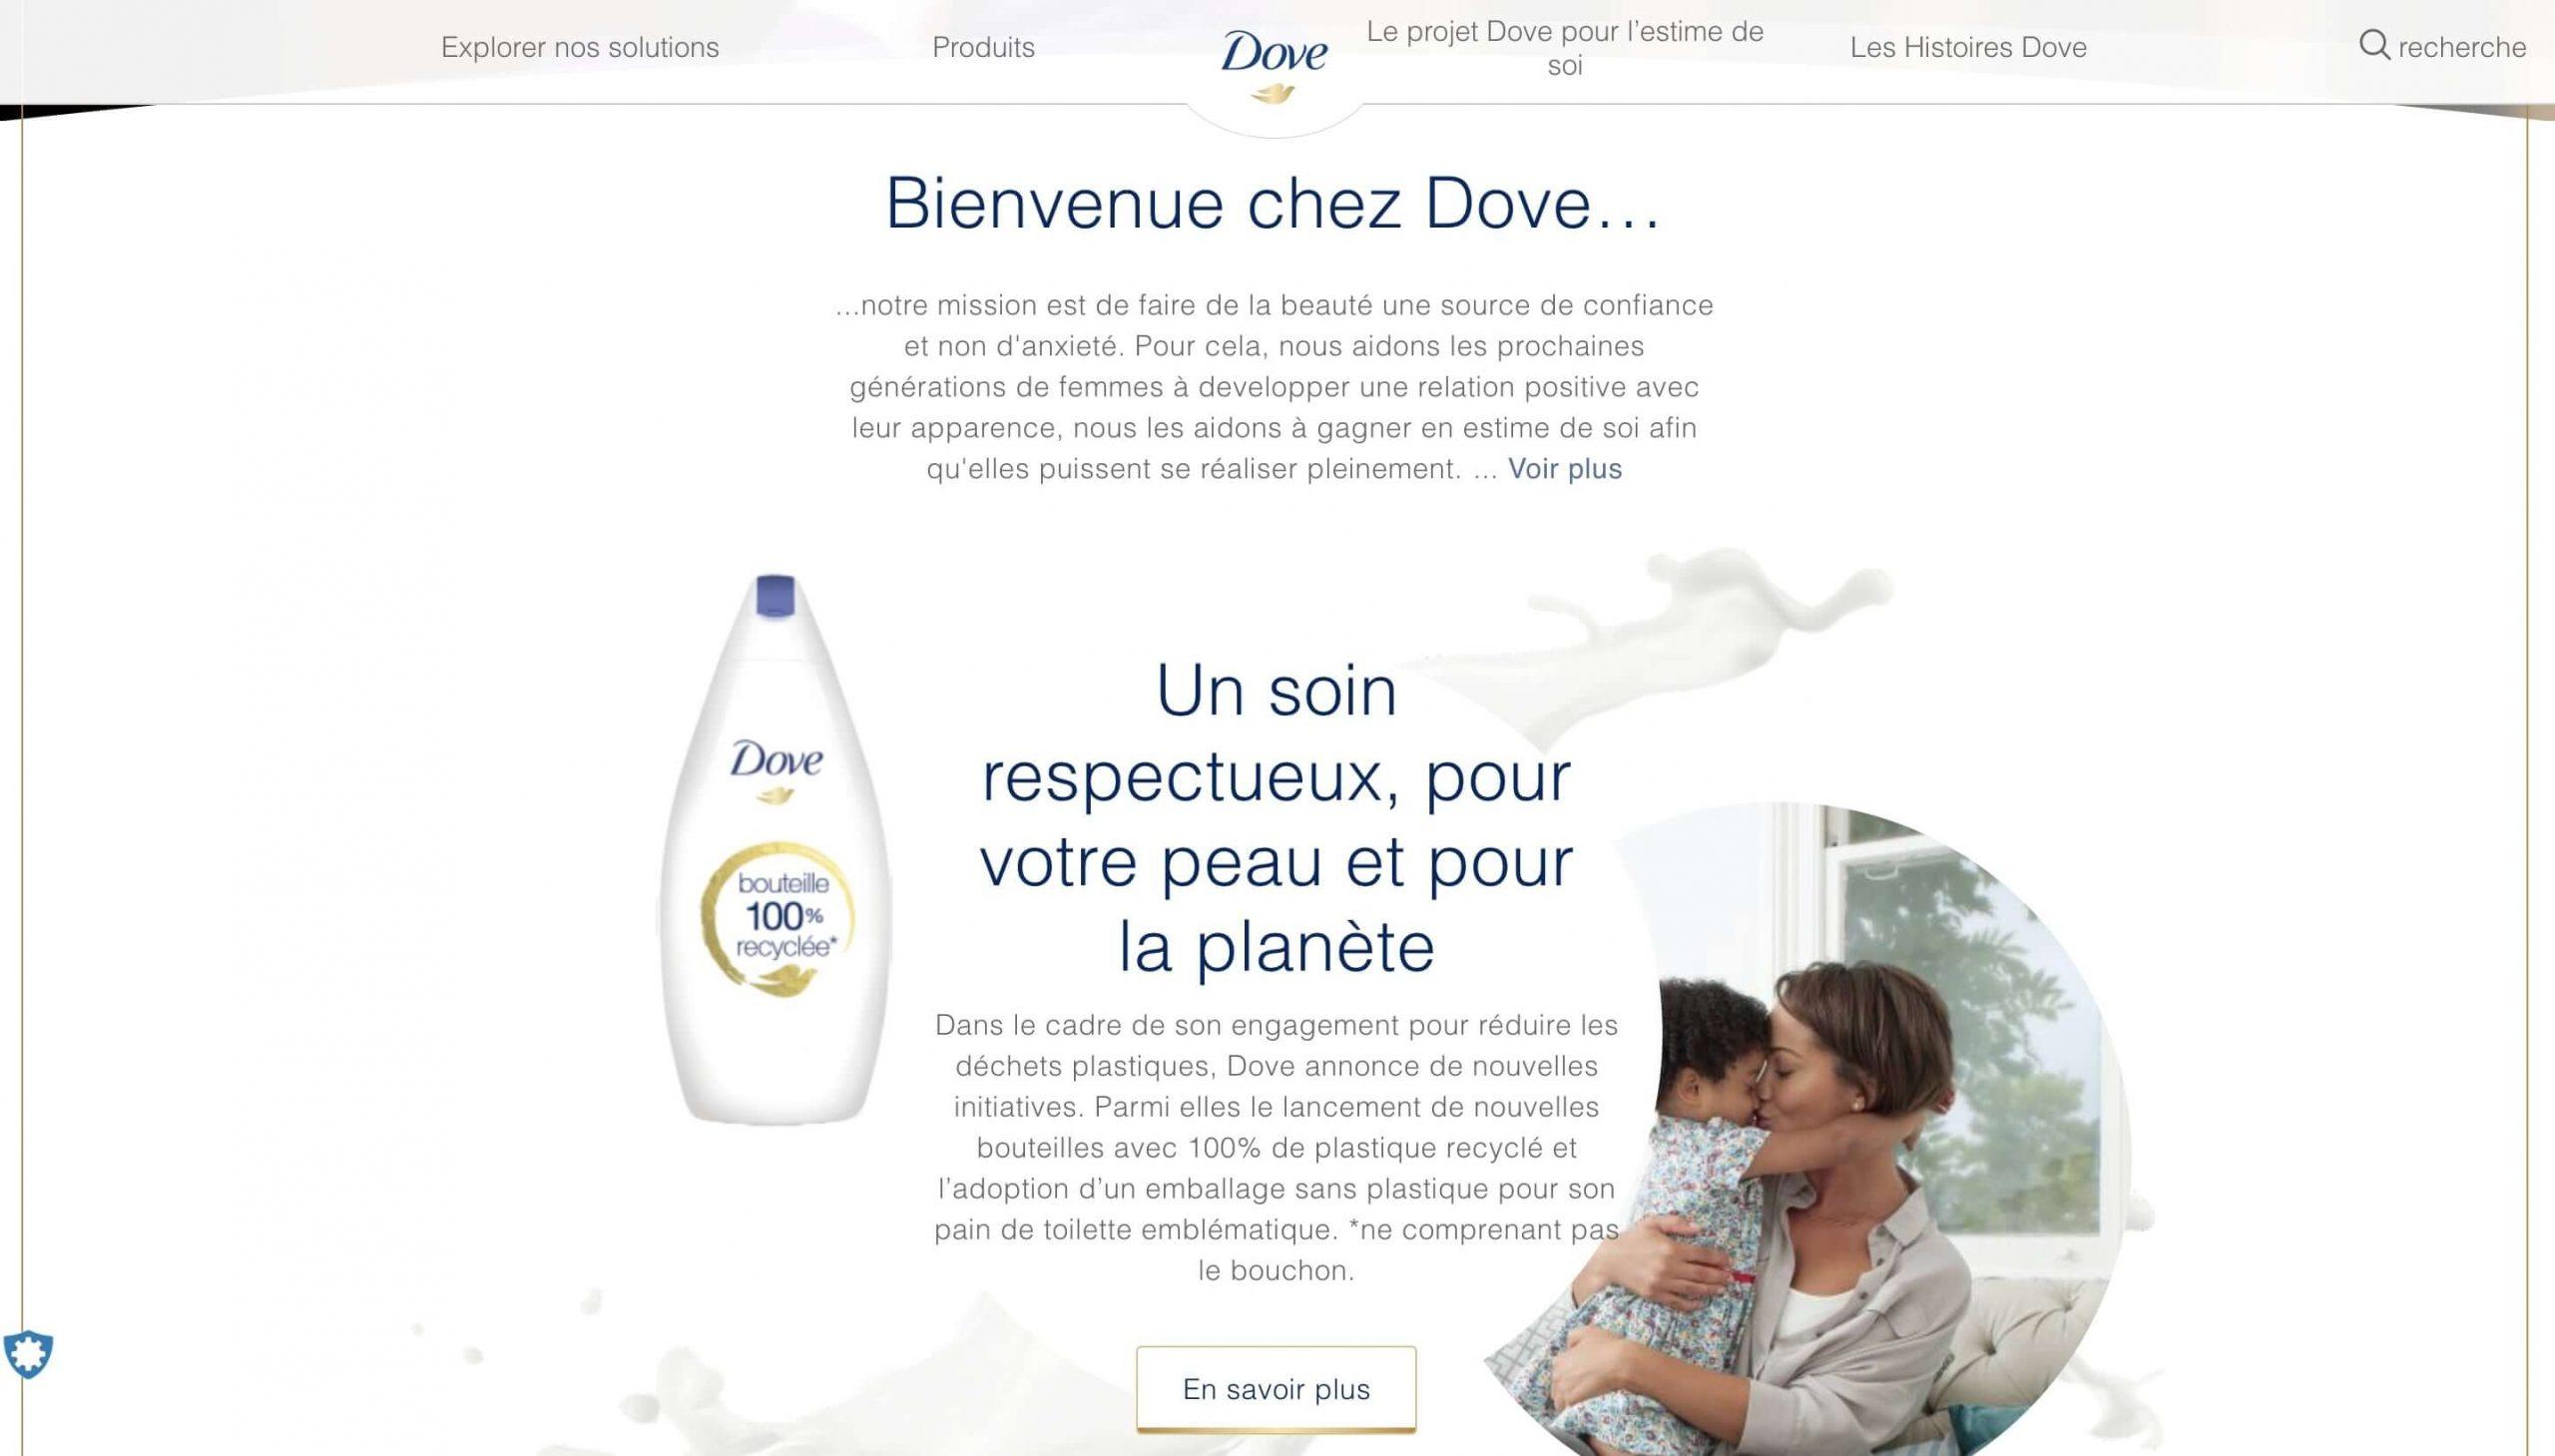 Exemple de la signification des couleurs : utilisation de la couleur blanche dans tous les contenus Dove. Marque ambassadrice de la douceur et de l'hygiène corporelle.